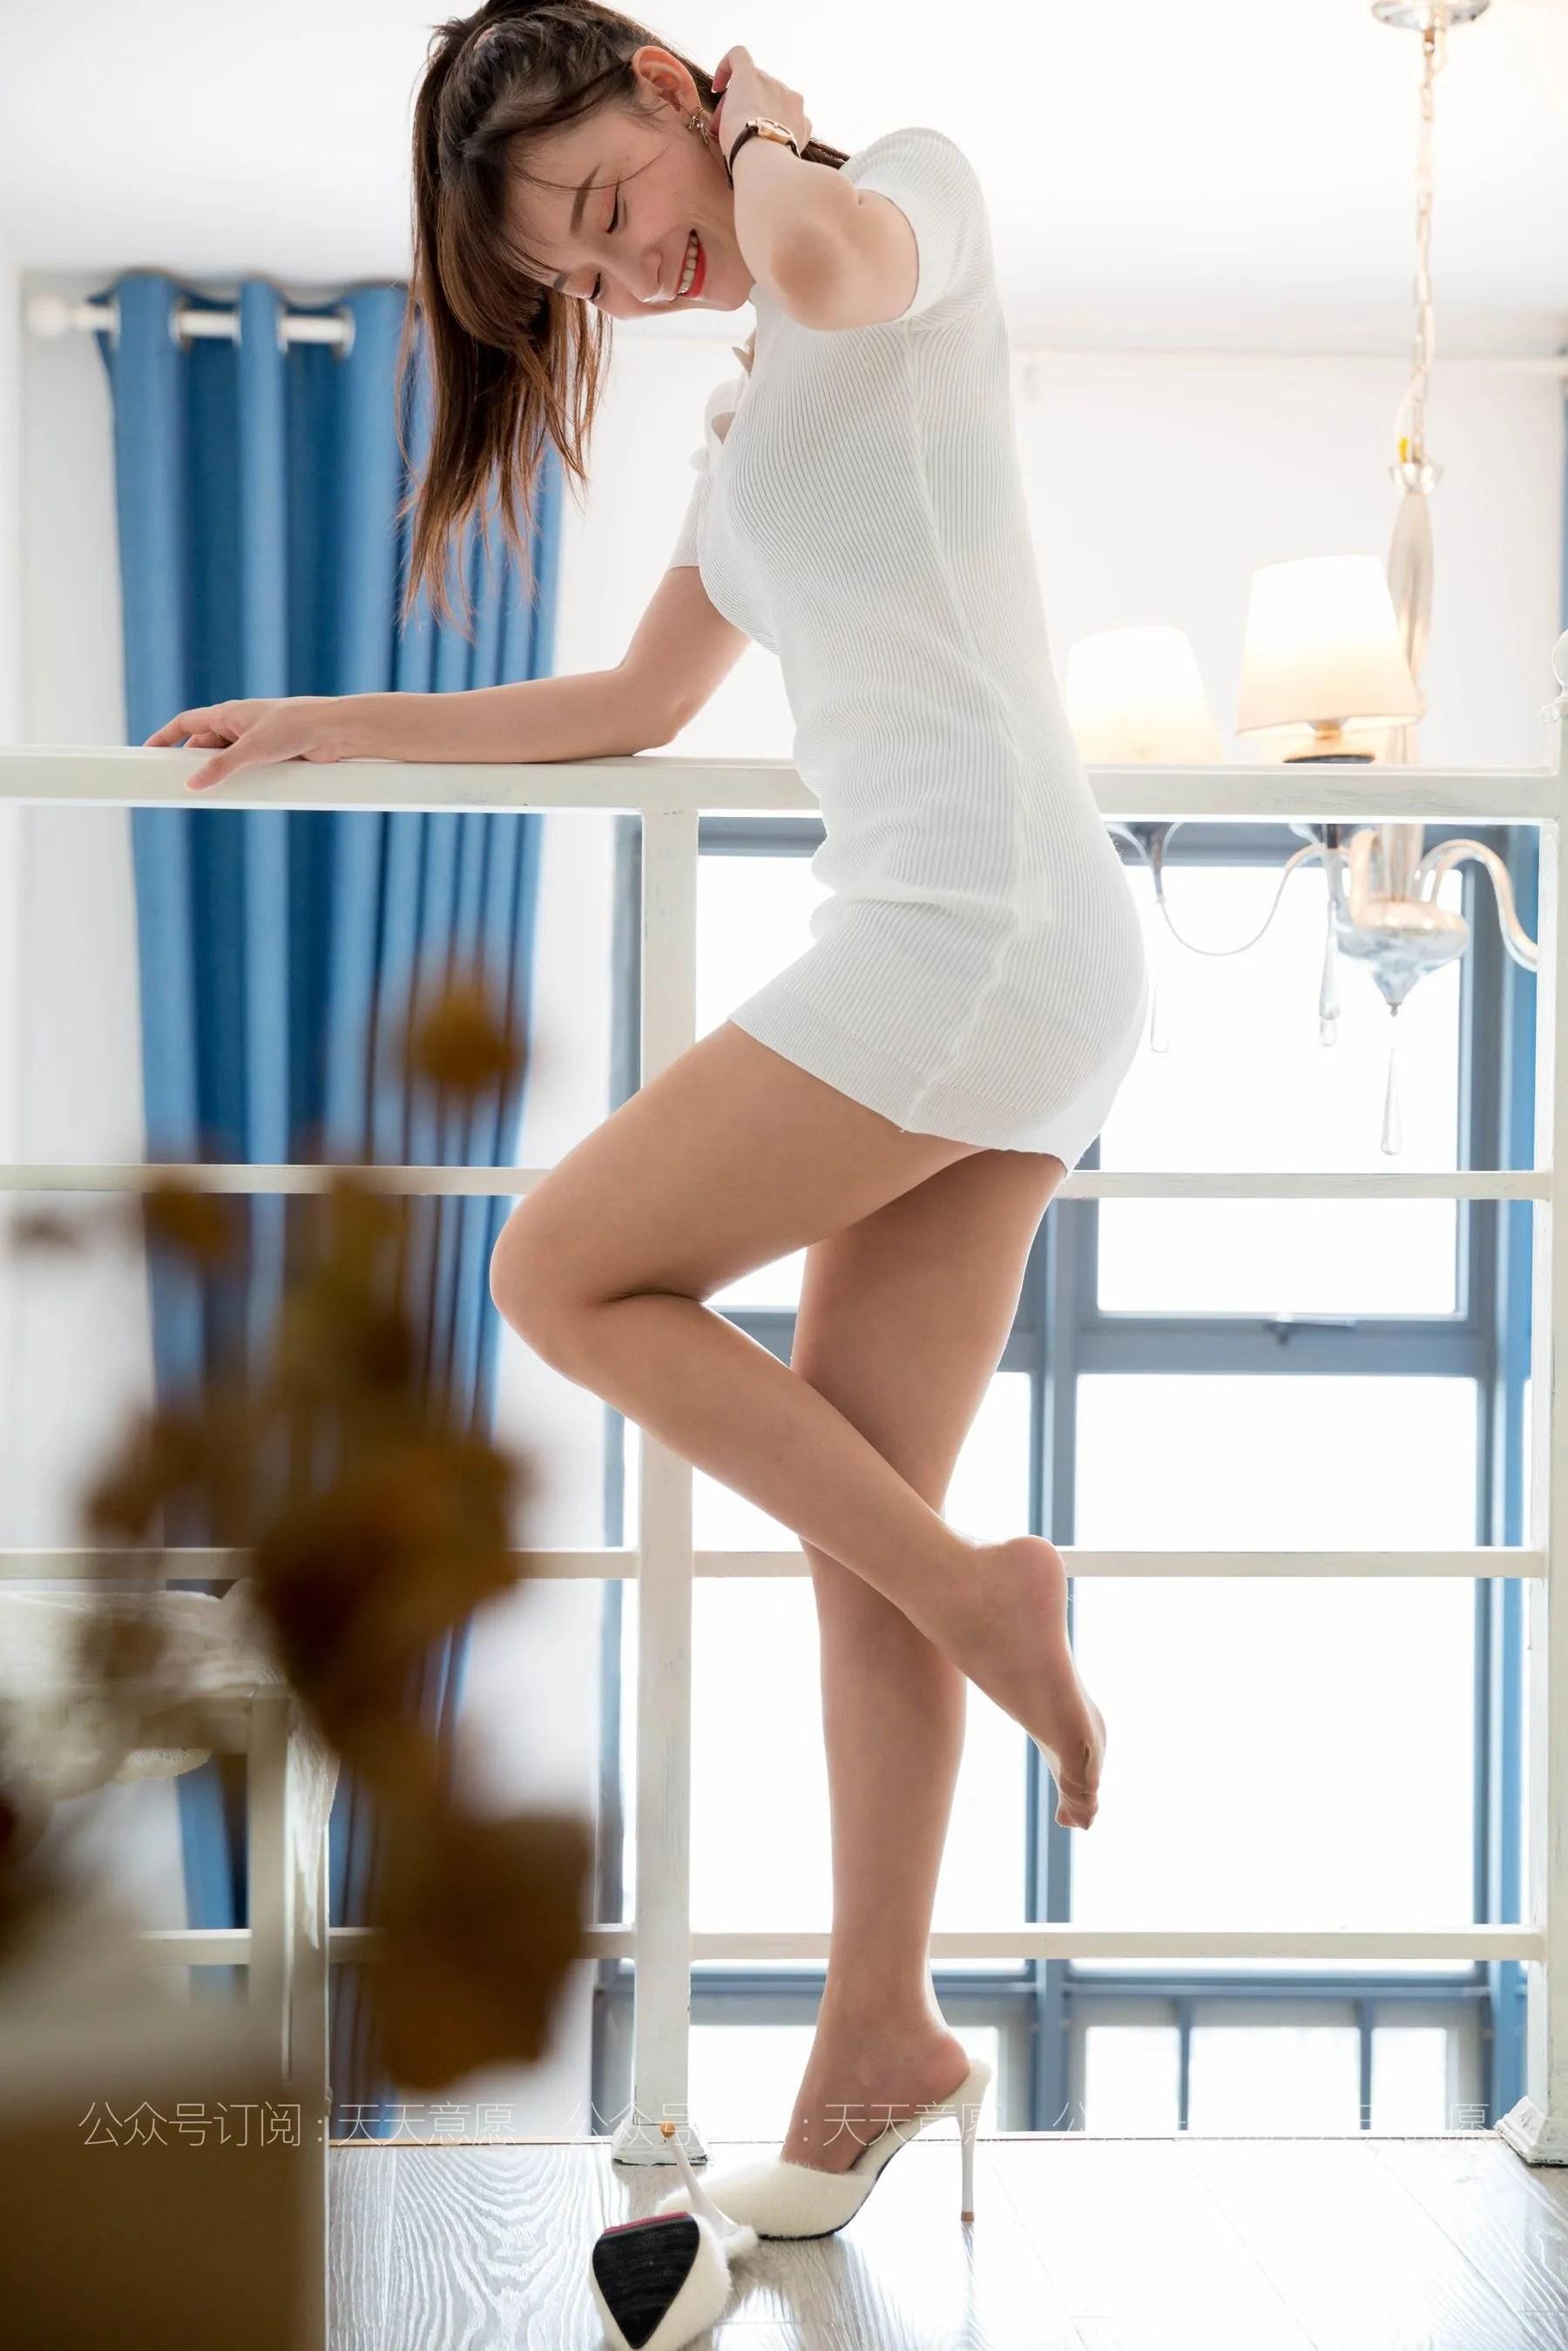 [IESS] 丝享家 767 秋秋《纯欲白短裙》 丝袜美腿写真[91P]插图(11)